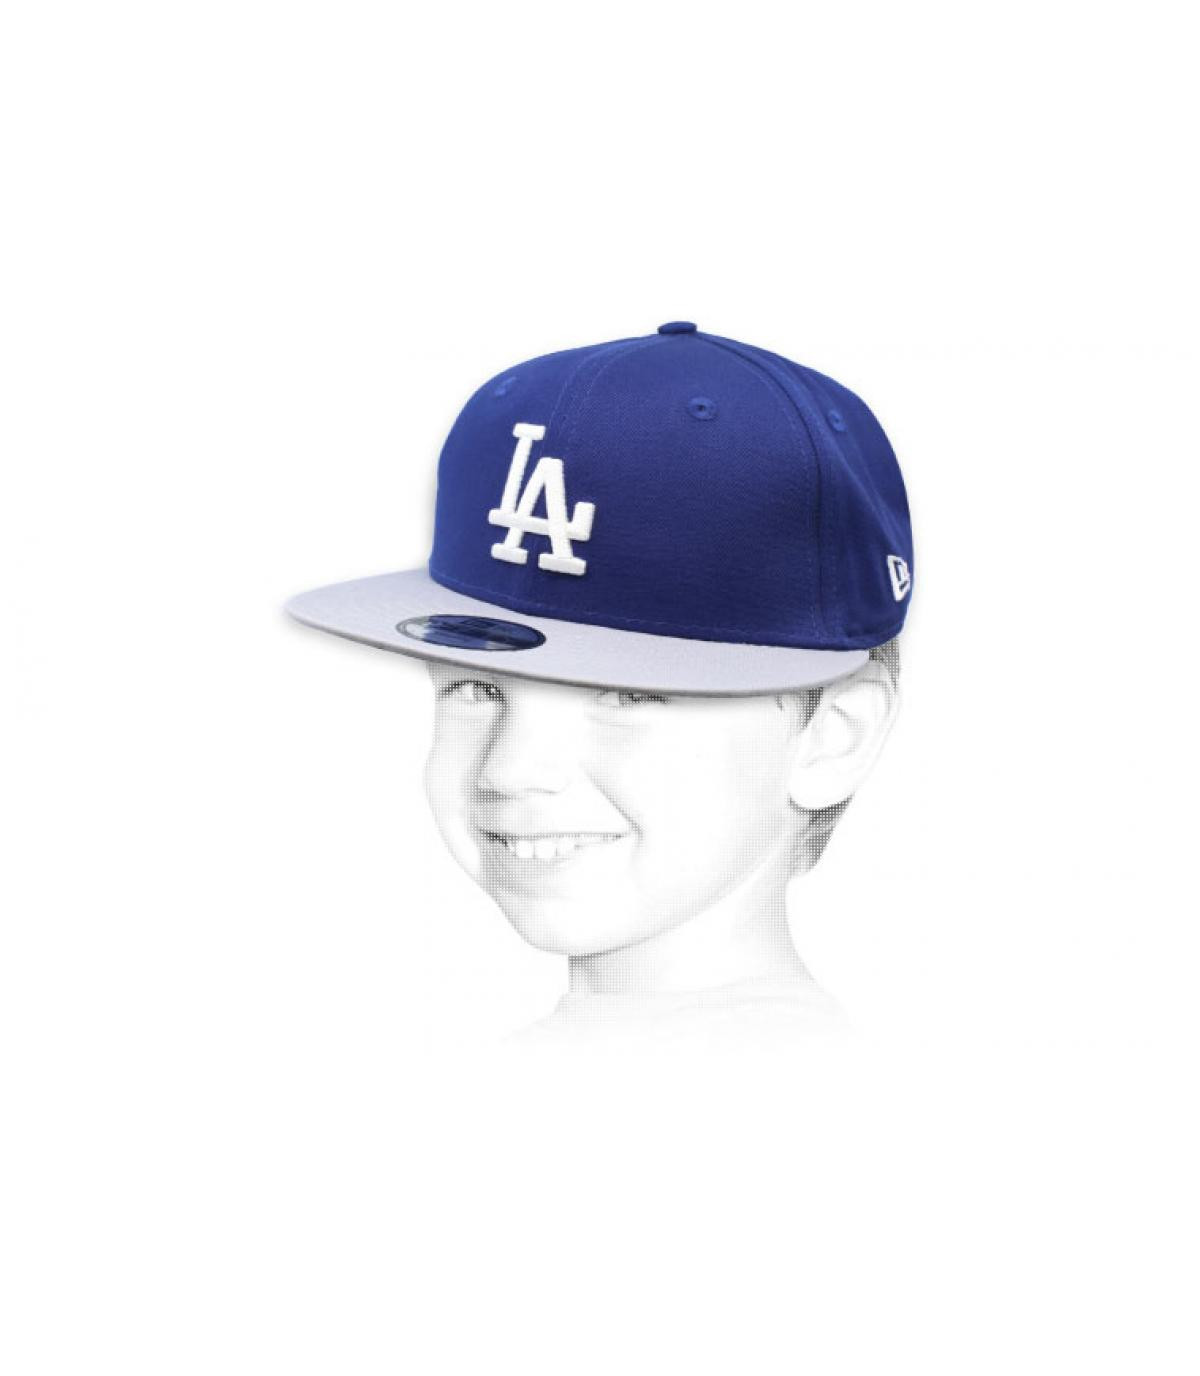 Kinder Snapback LA blau grau